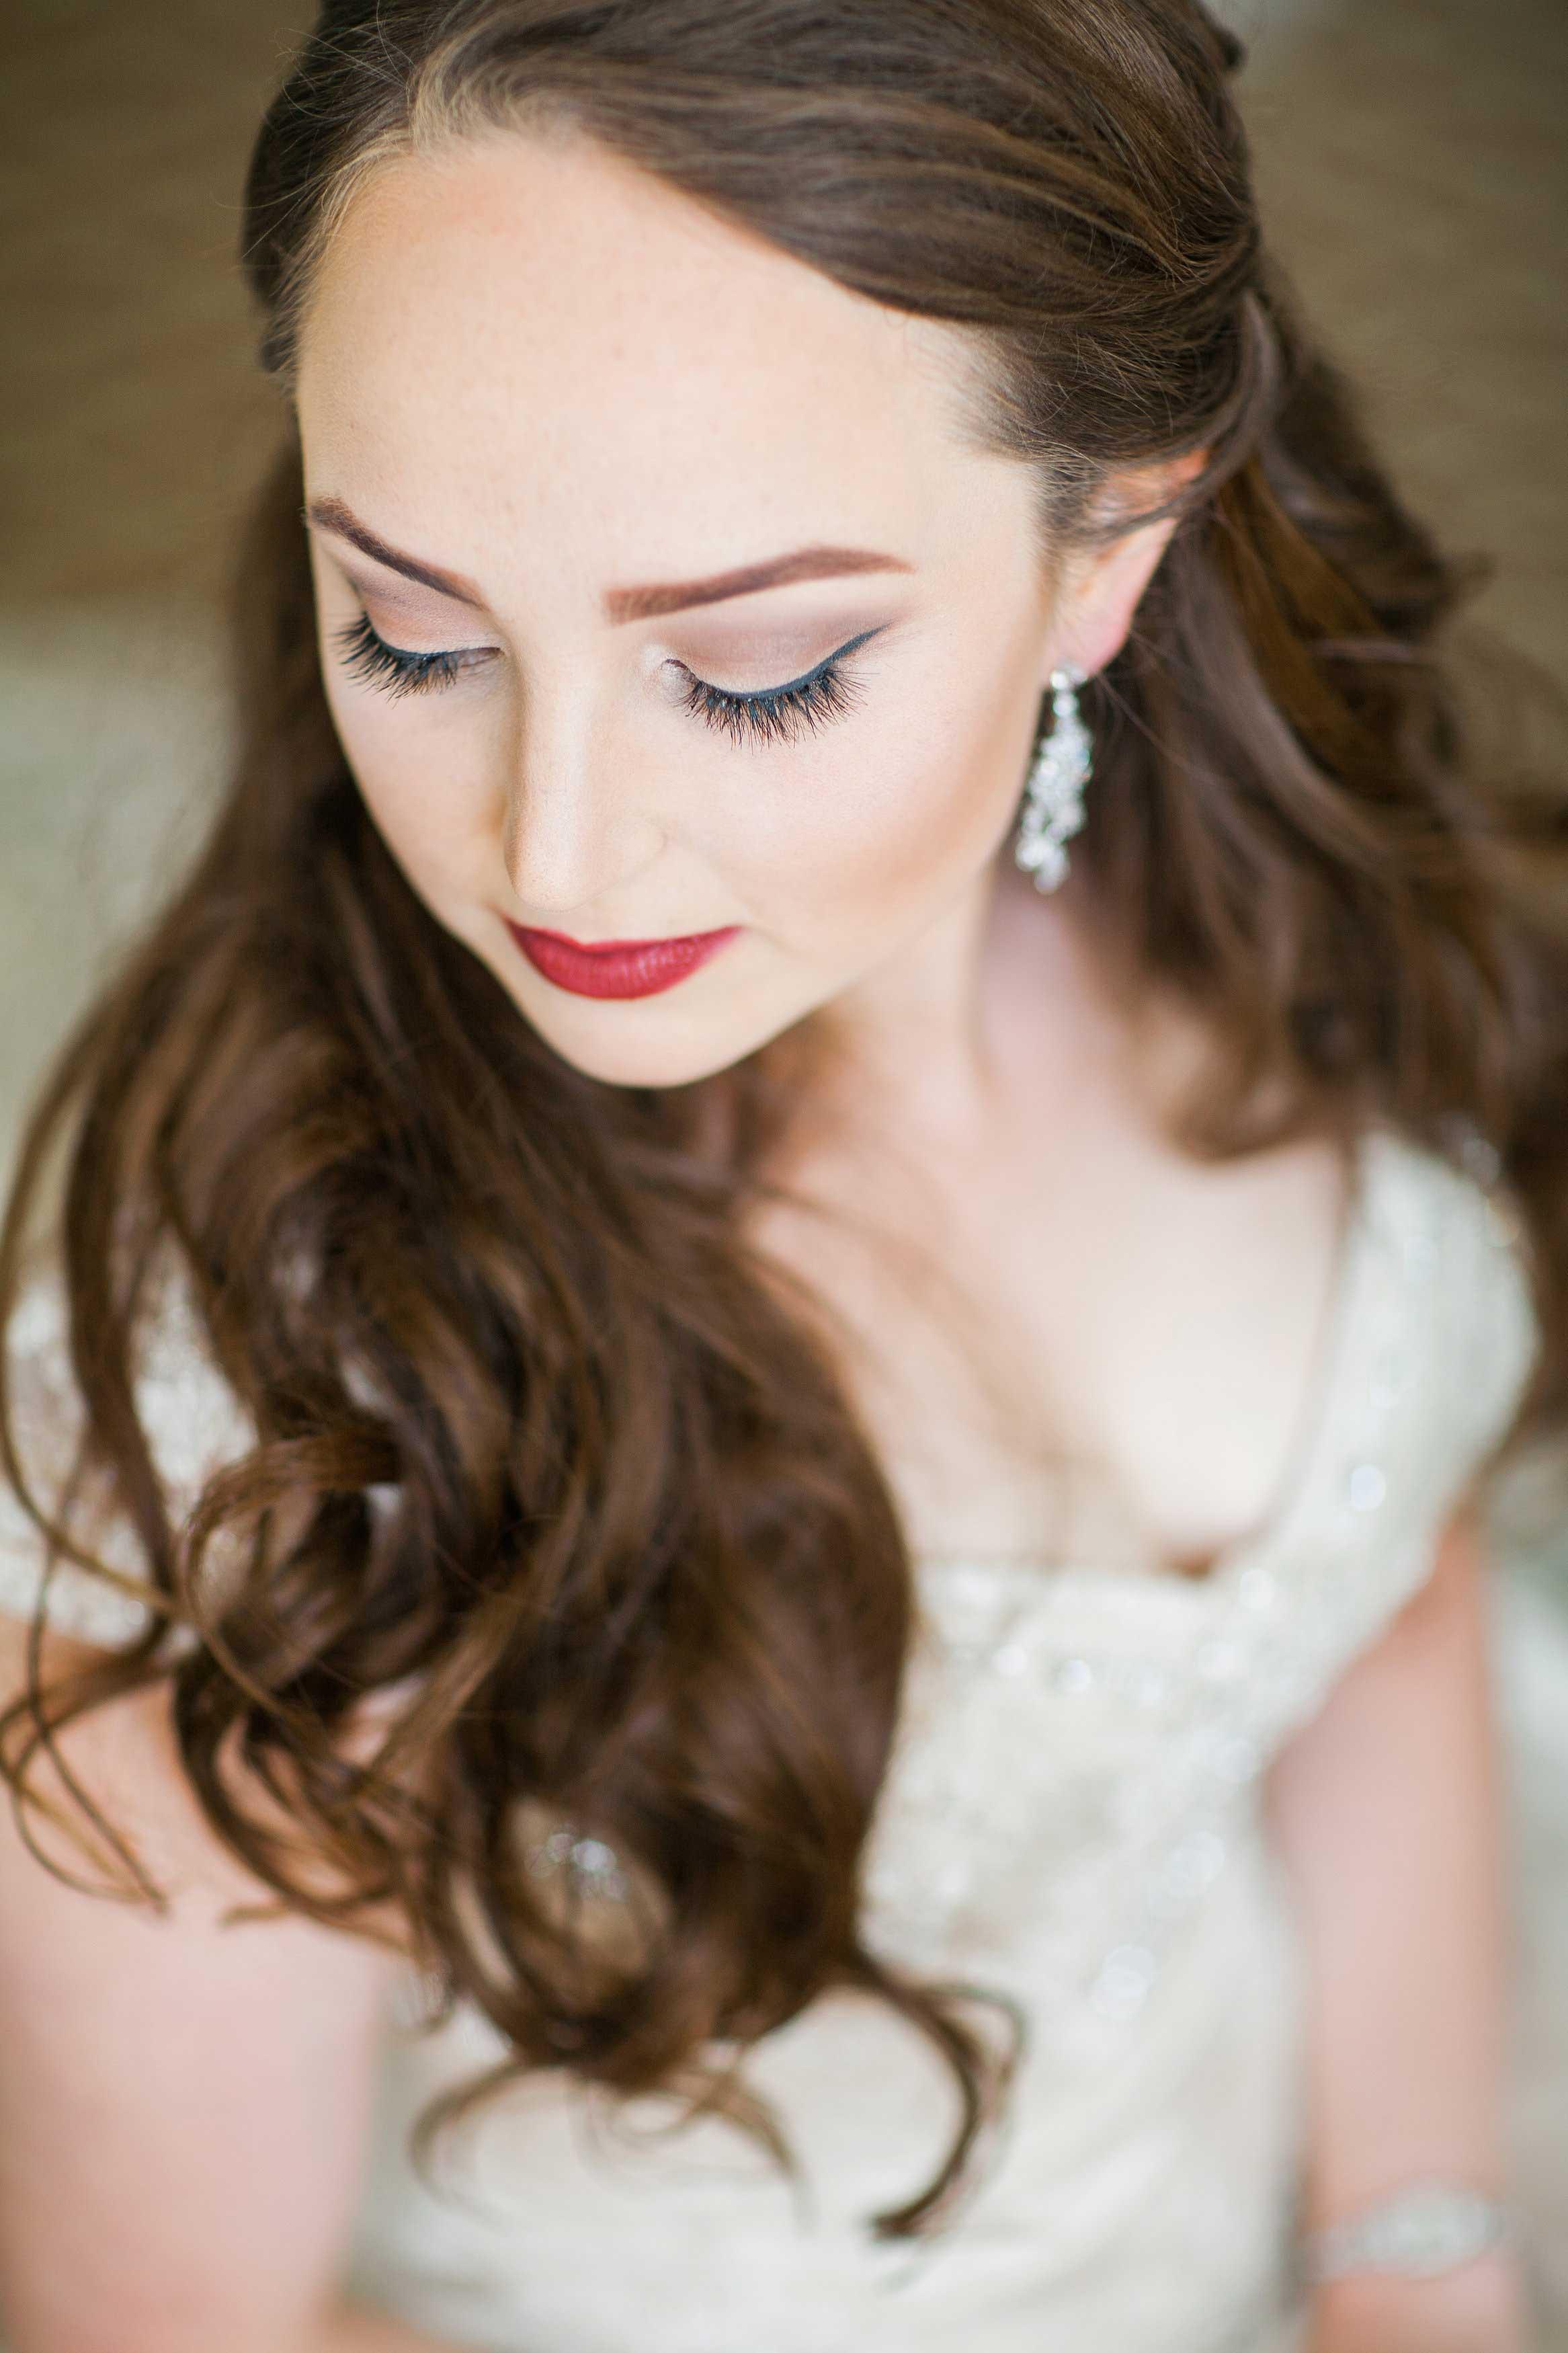 Long hair bride at wedding day